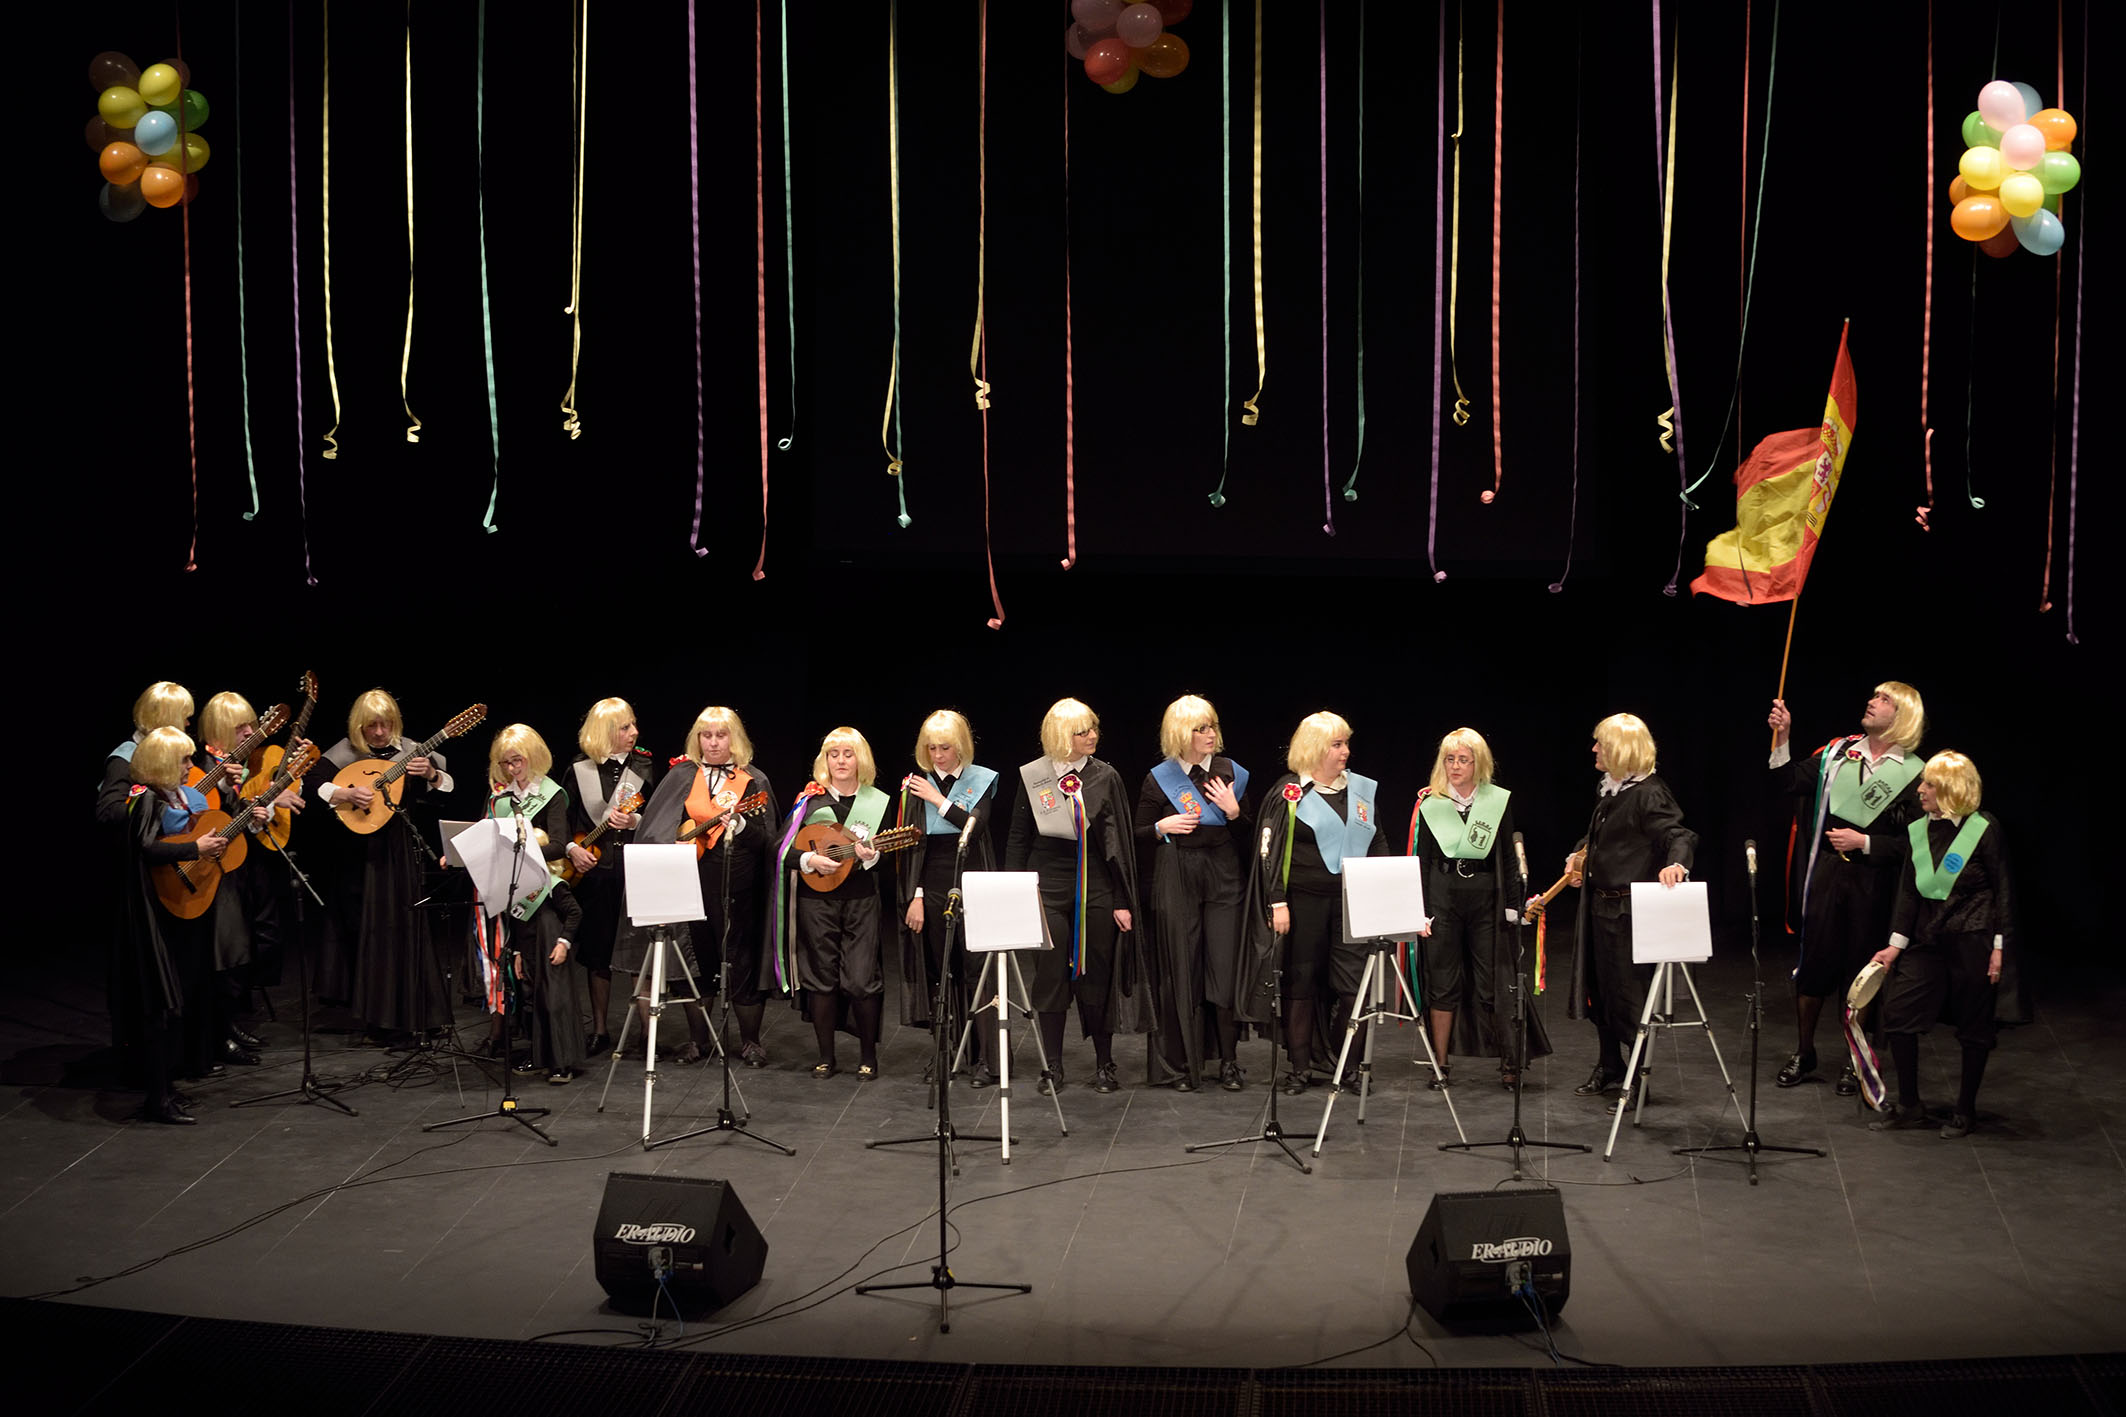 El pregón de Armando Serrano López inauguró el Carnaval 2017 de Argamasilla de Alba